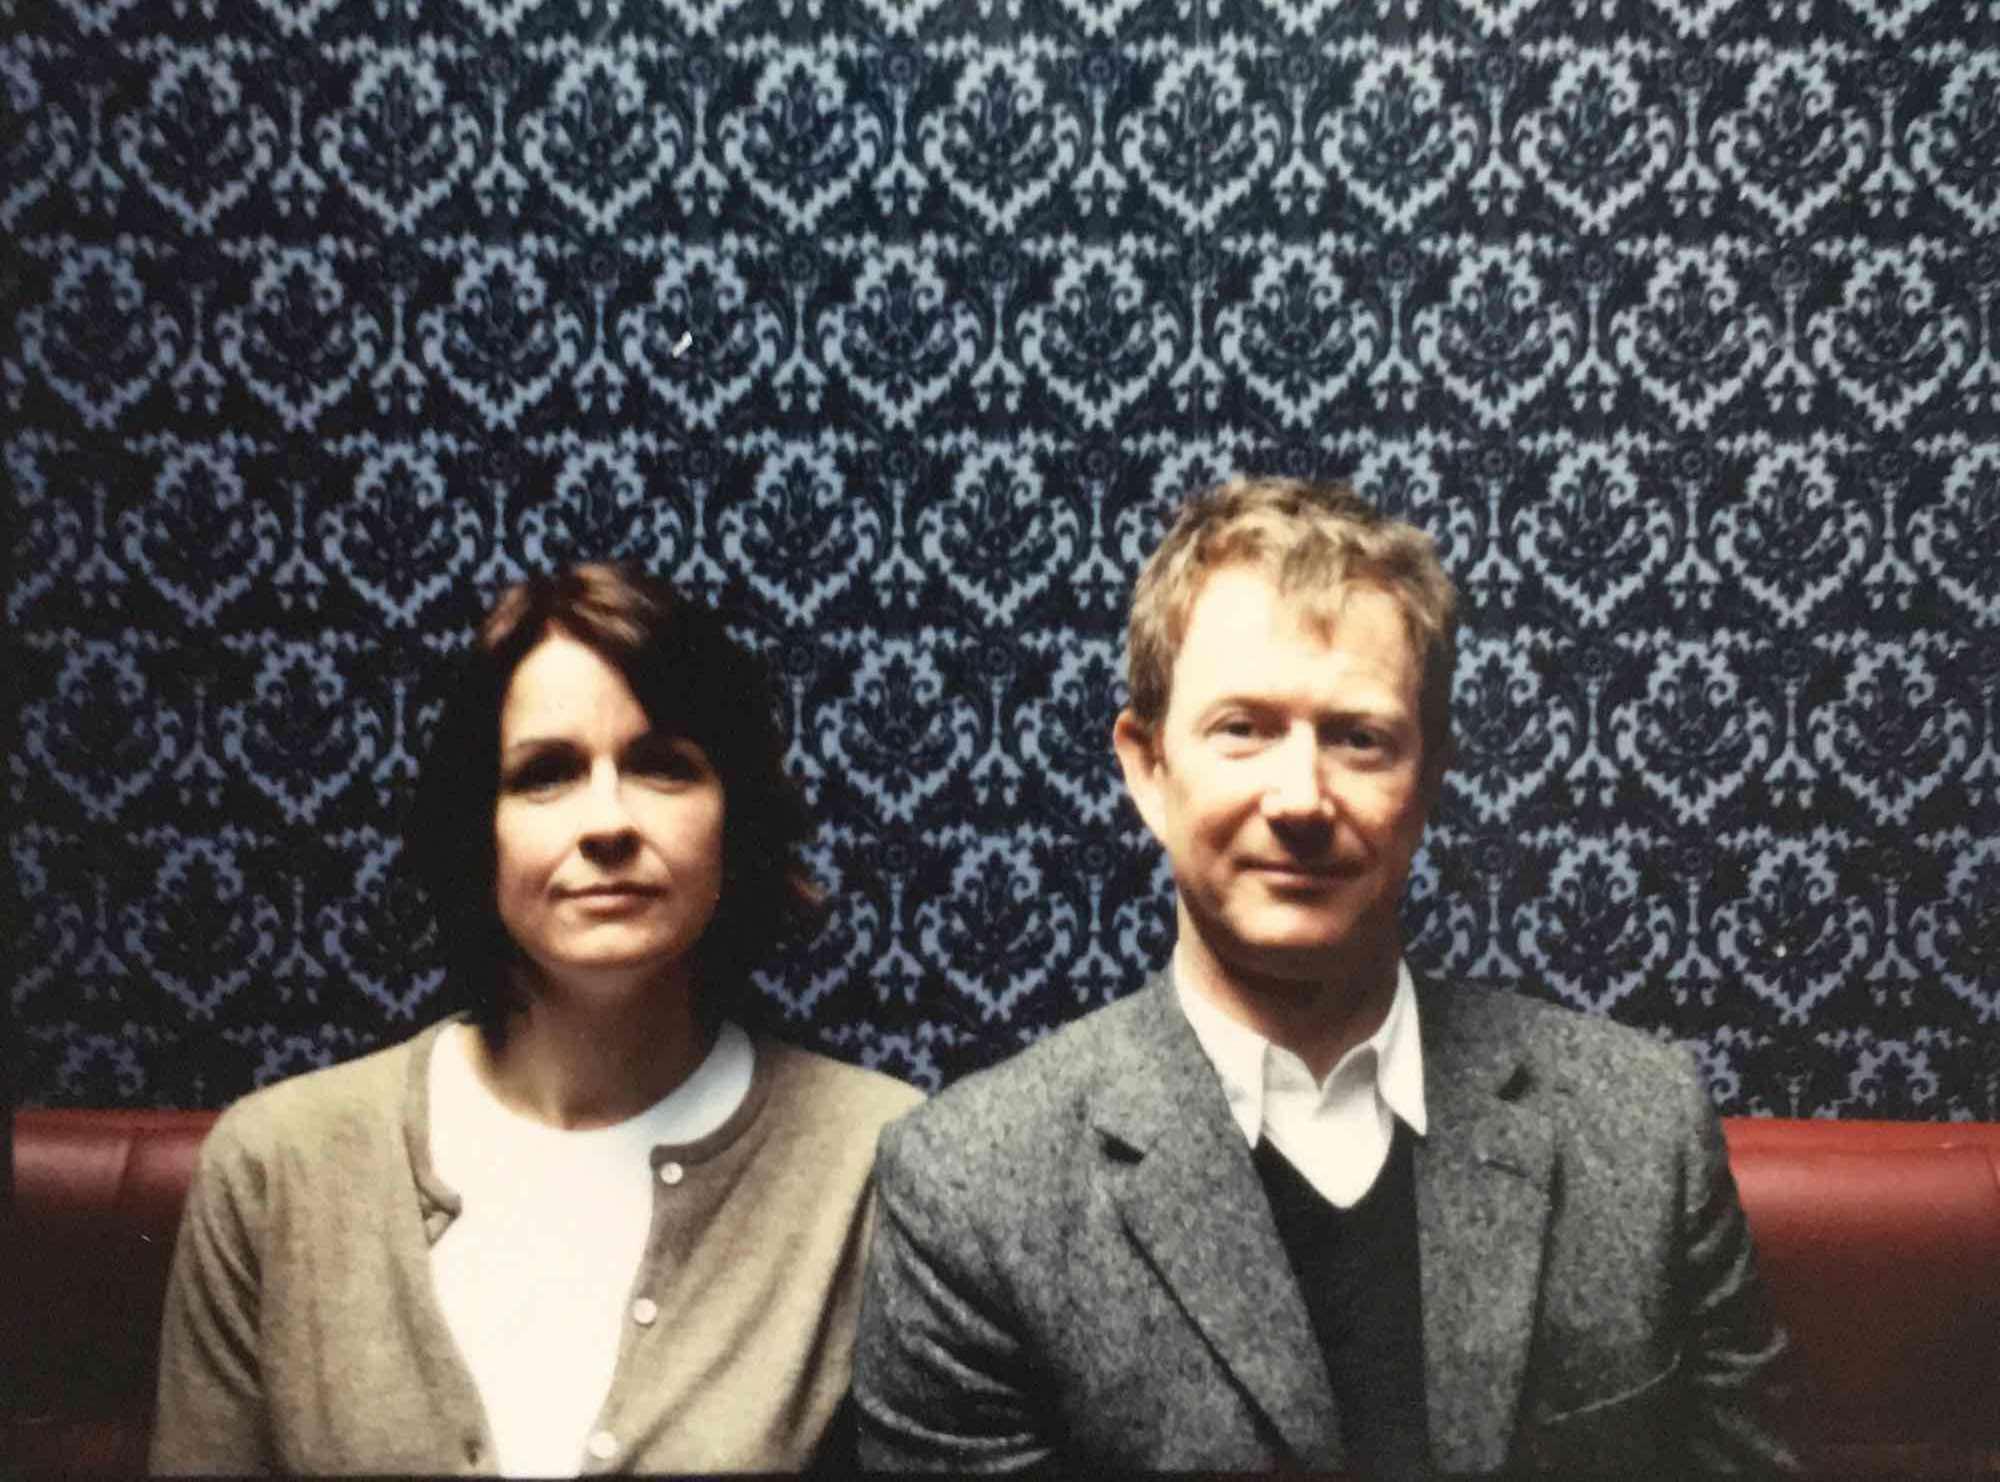 Jessica Seaton, Jamie Seaton, TOAST, Photo by Chris Tubbs.